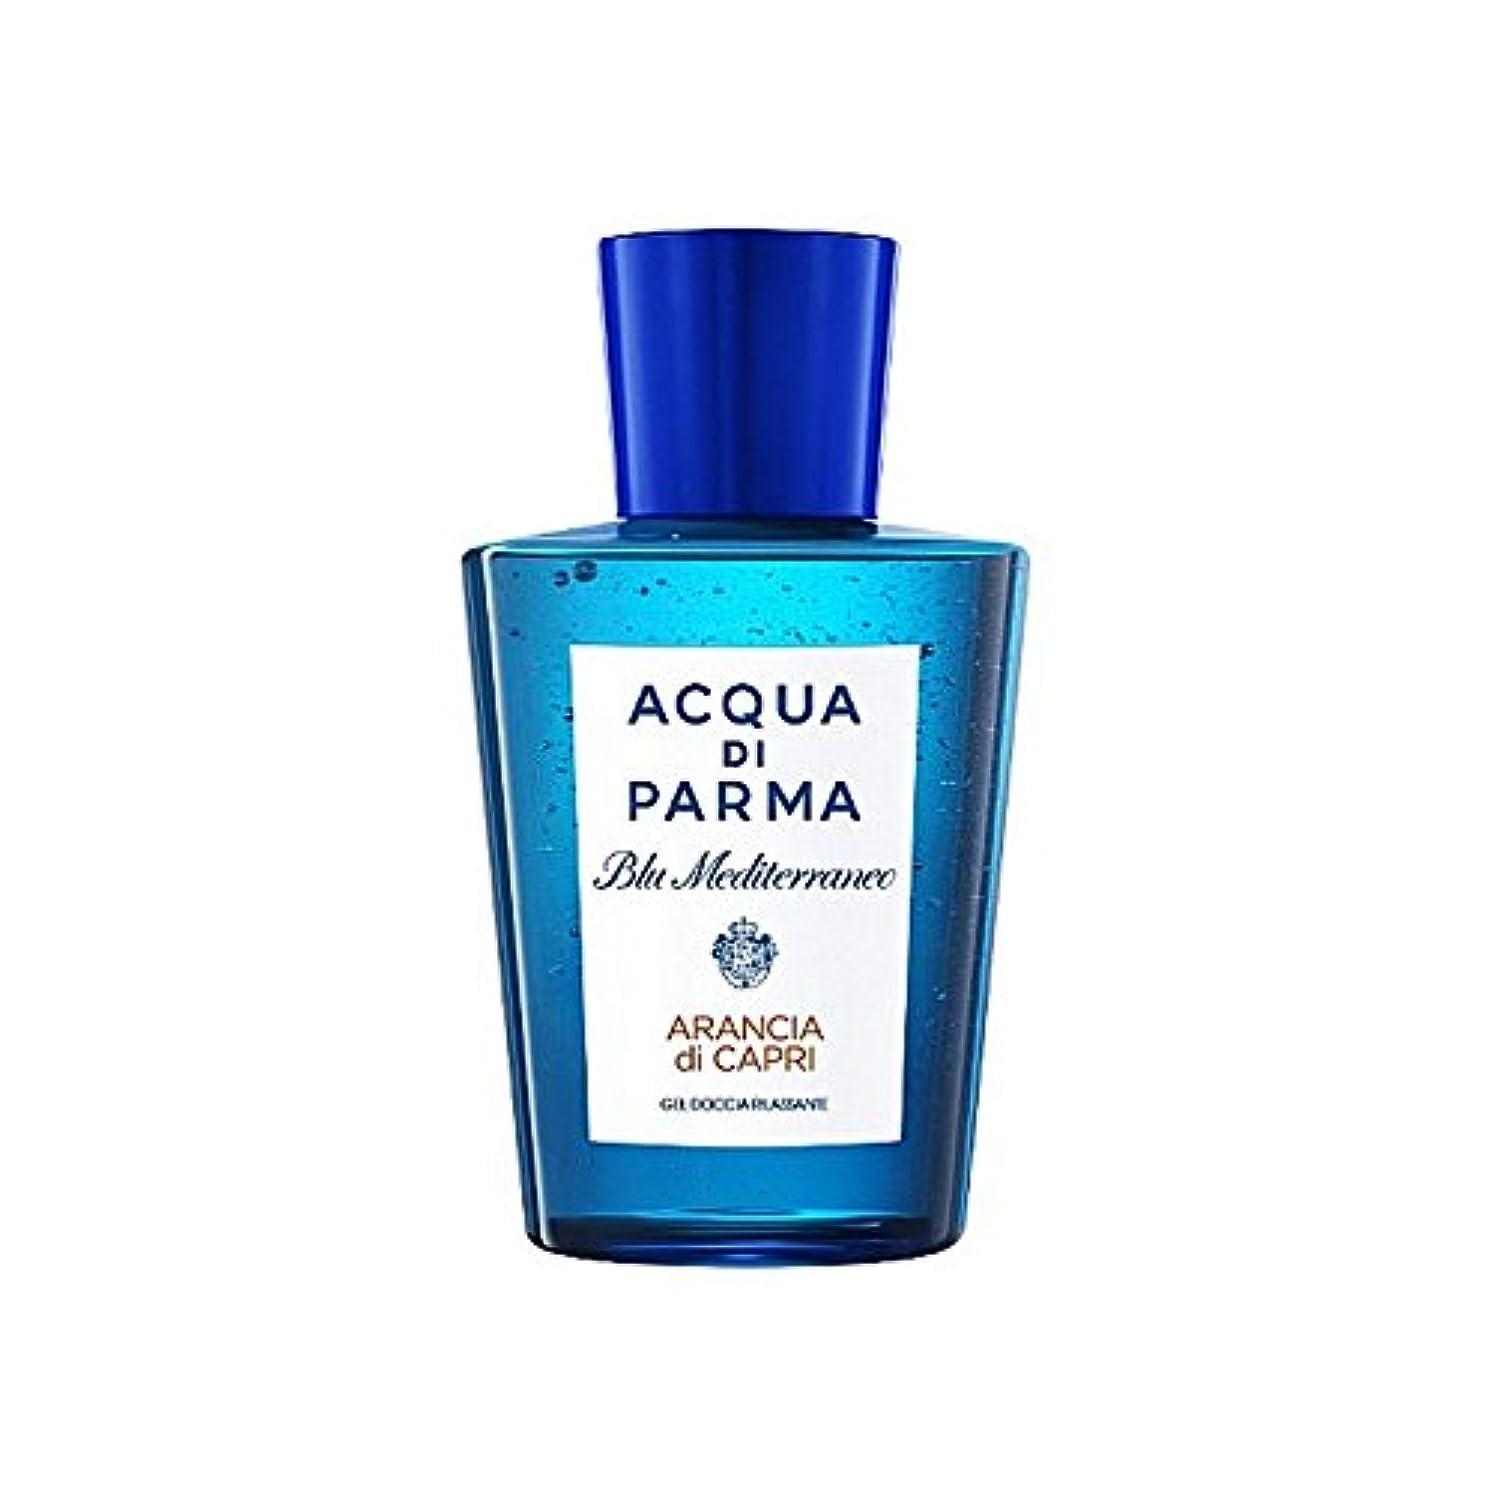 だます交差点迷信アクアディパルマブルーメディのアランシアジカプリシャワージェル200 x4 - Acqua Di Parma Blu Mediterraneo Arancia Di Capri Shower Gel 200ml (Pack of 4) [並行輸入品]